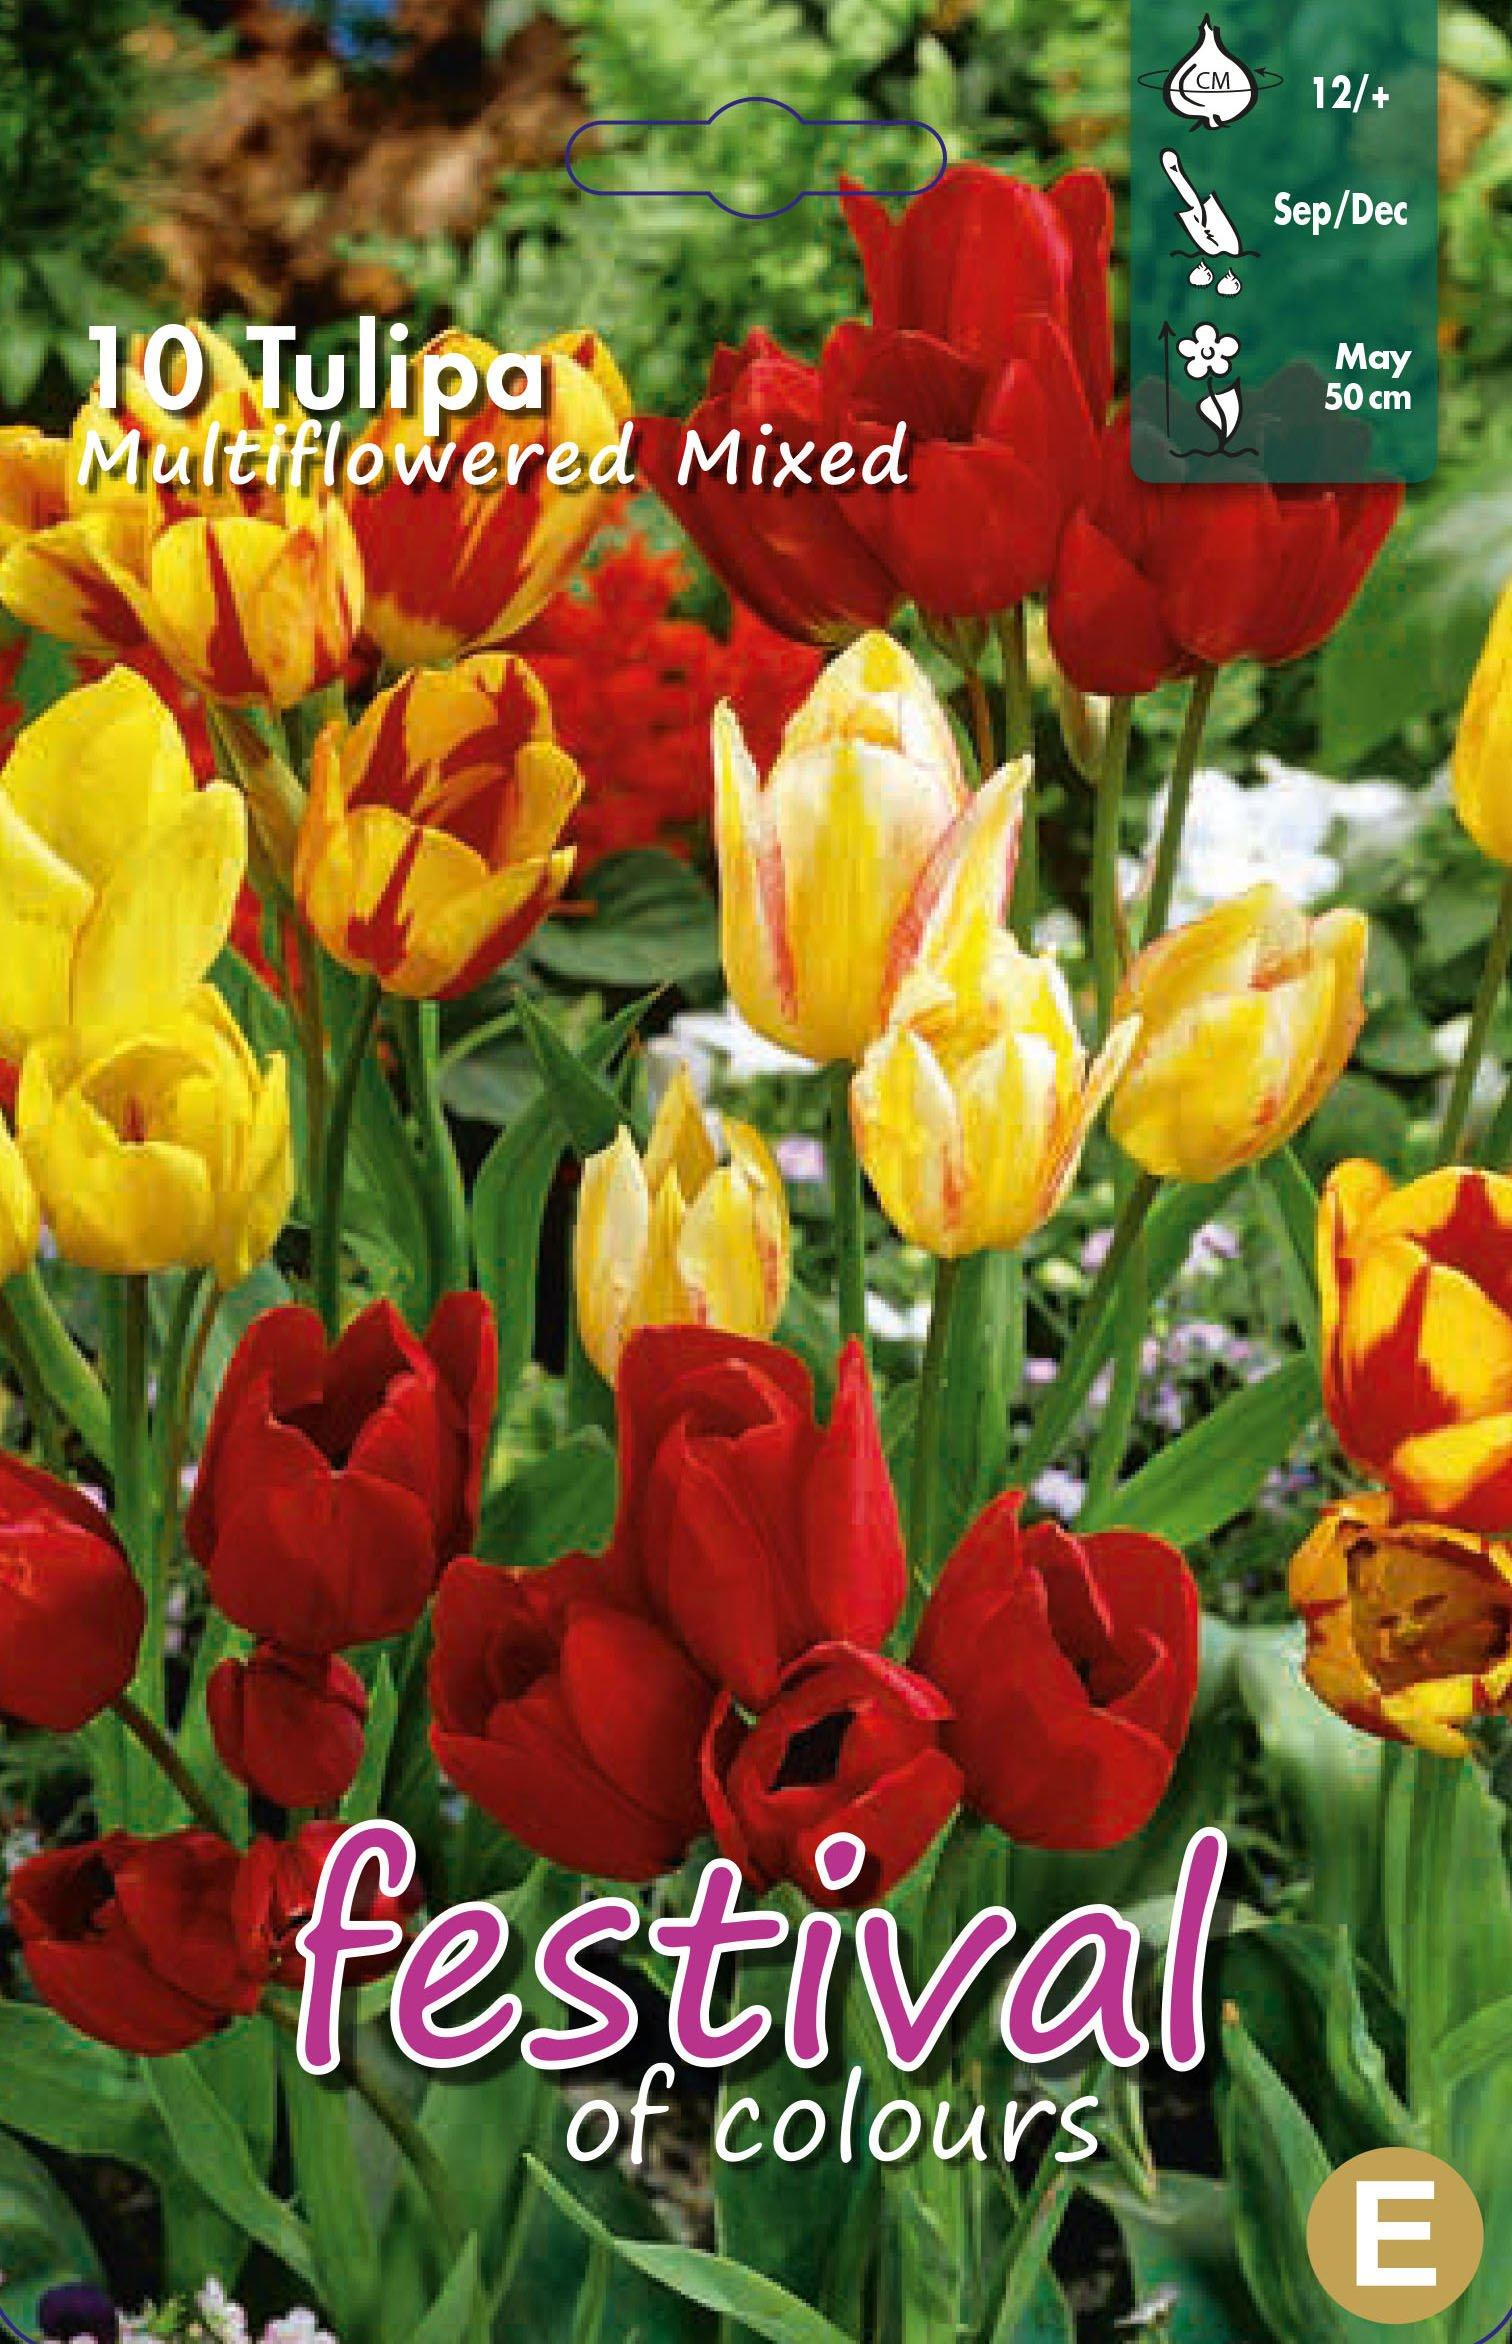 Tulipa Multiflowered Mixed 10 stk